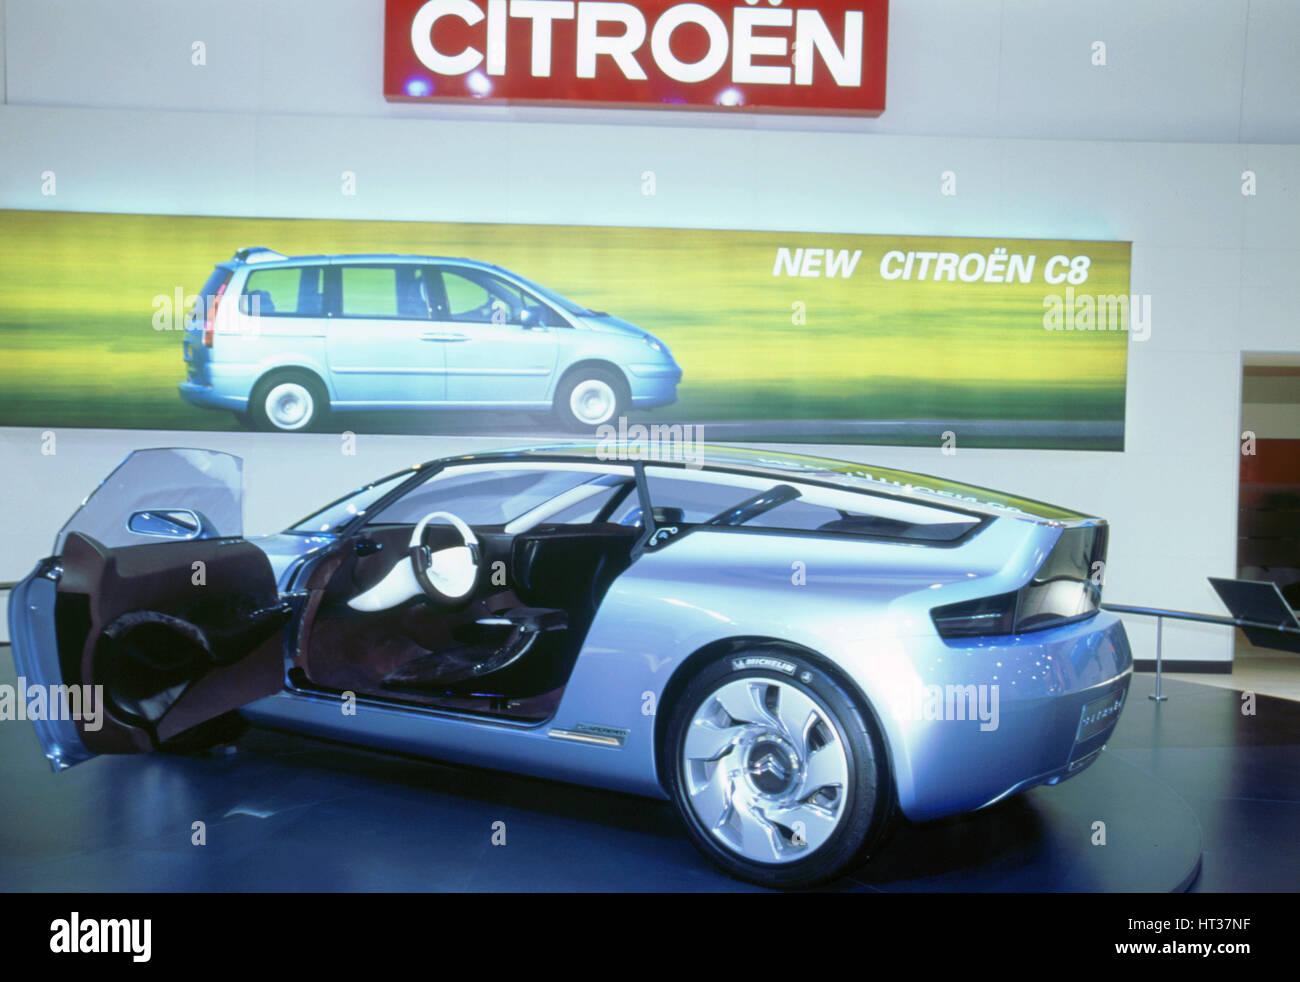 2002 Citroën C-Airdream concept car. Artista: Desconocido. Imagen De Stock